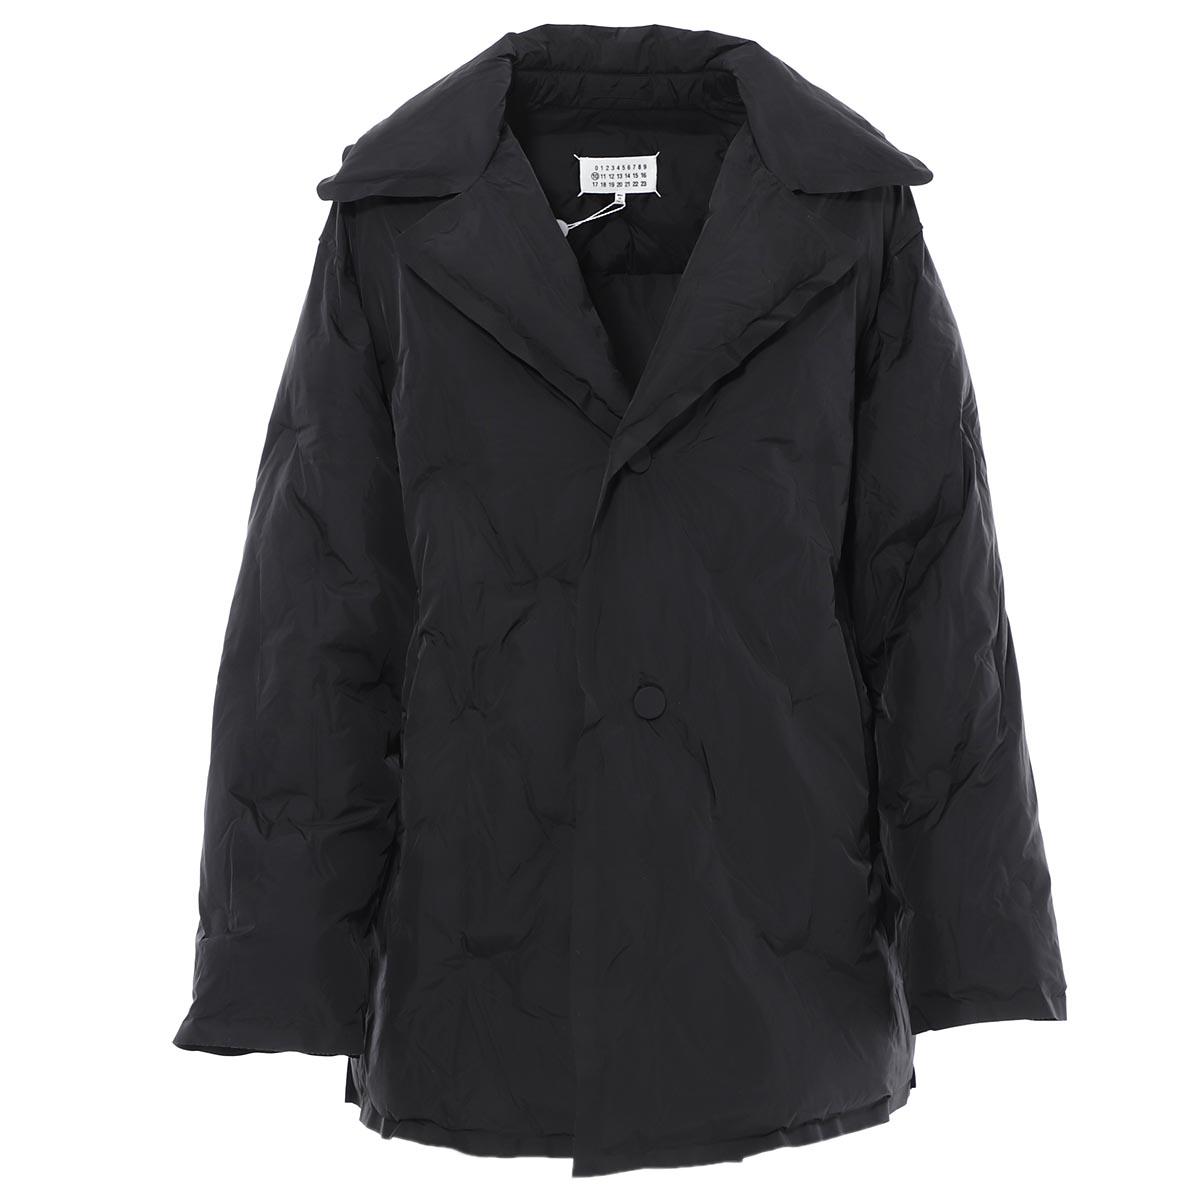 メゾンマルジェラ Maison Margiela 中綿入り ロングブルゾン ジャケット ブラック メンズ s50am0482 s49203 900【あす楽対応_関東】【返品送料無料】【ラッピング無料】